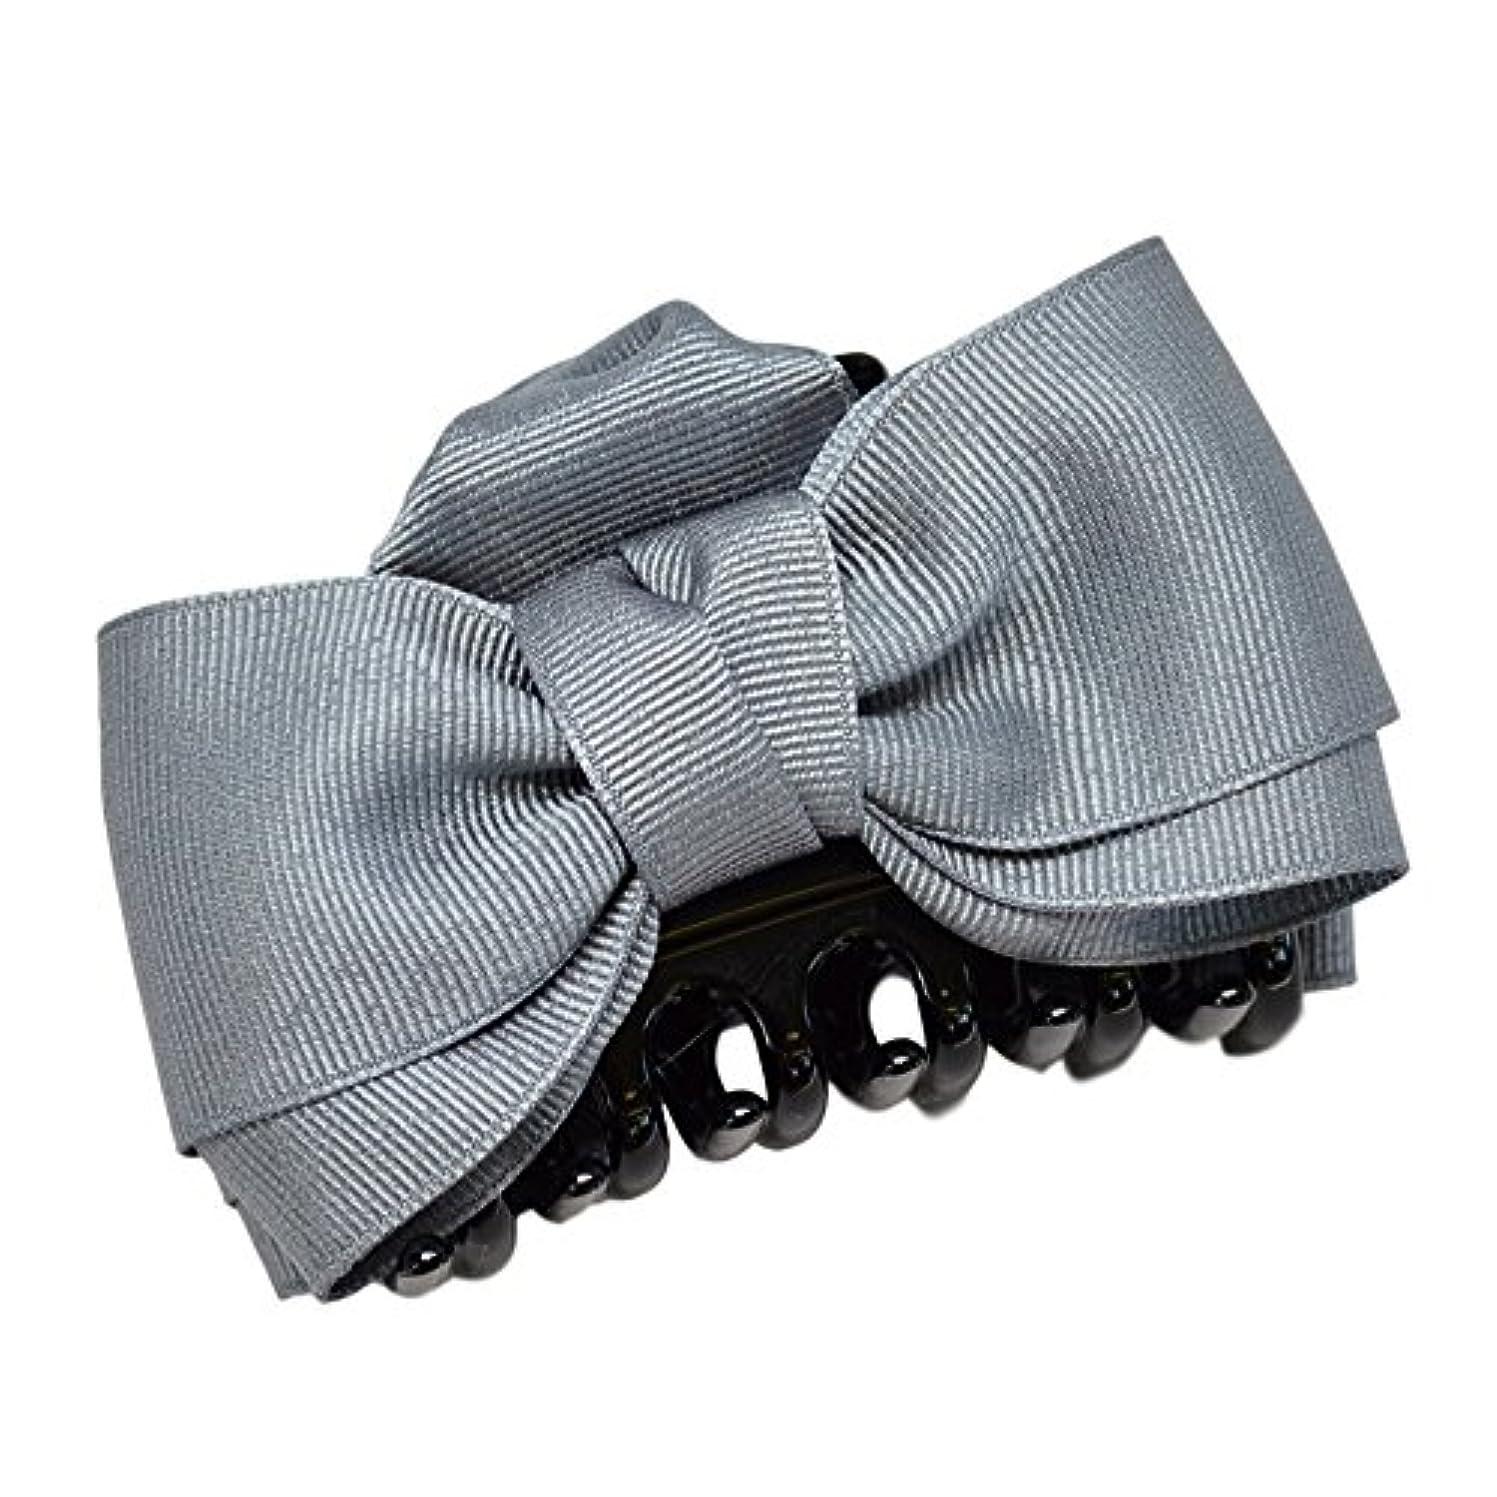 作曲する効果かなり(ヴィラジオ)Viragio ヘアクリップ リボン 大 大きめ バンスクリップ 黒 シンプル ヘアアクセサリー 髪留め 髪飾り ブランド vi-0258